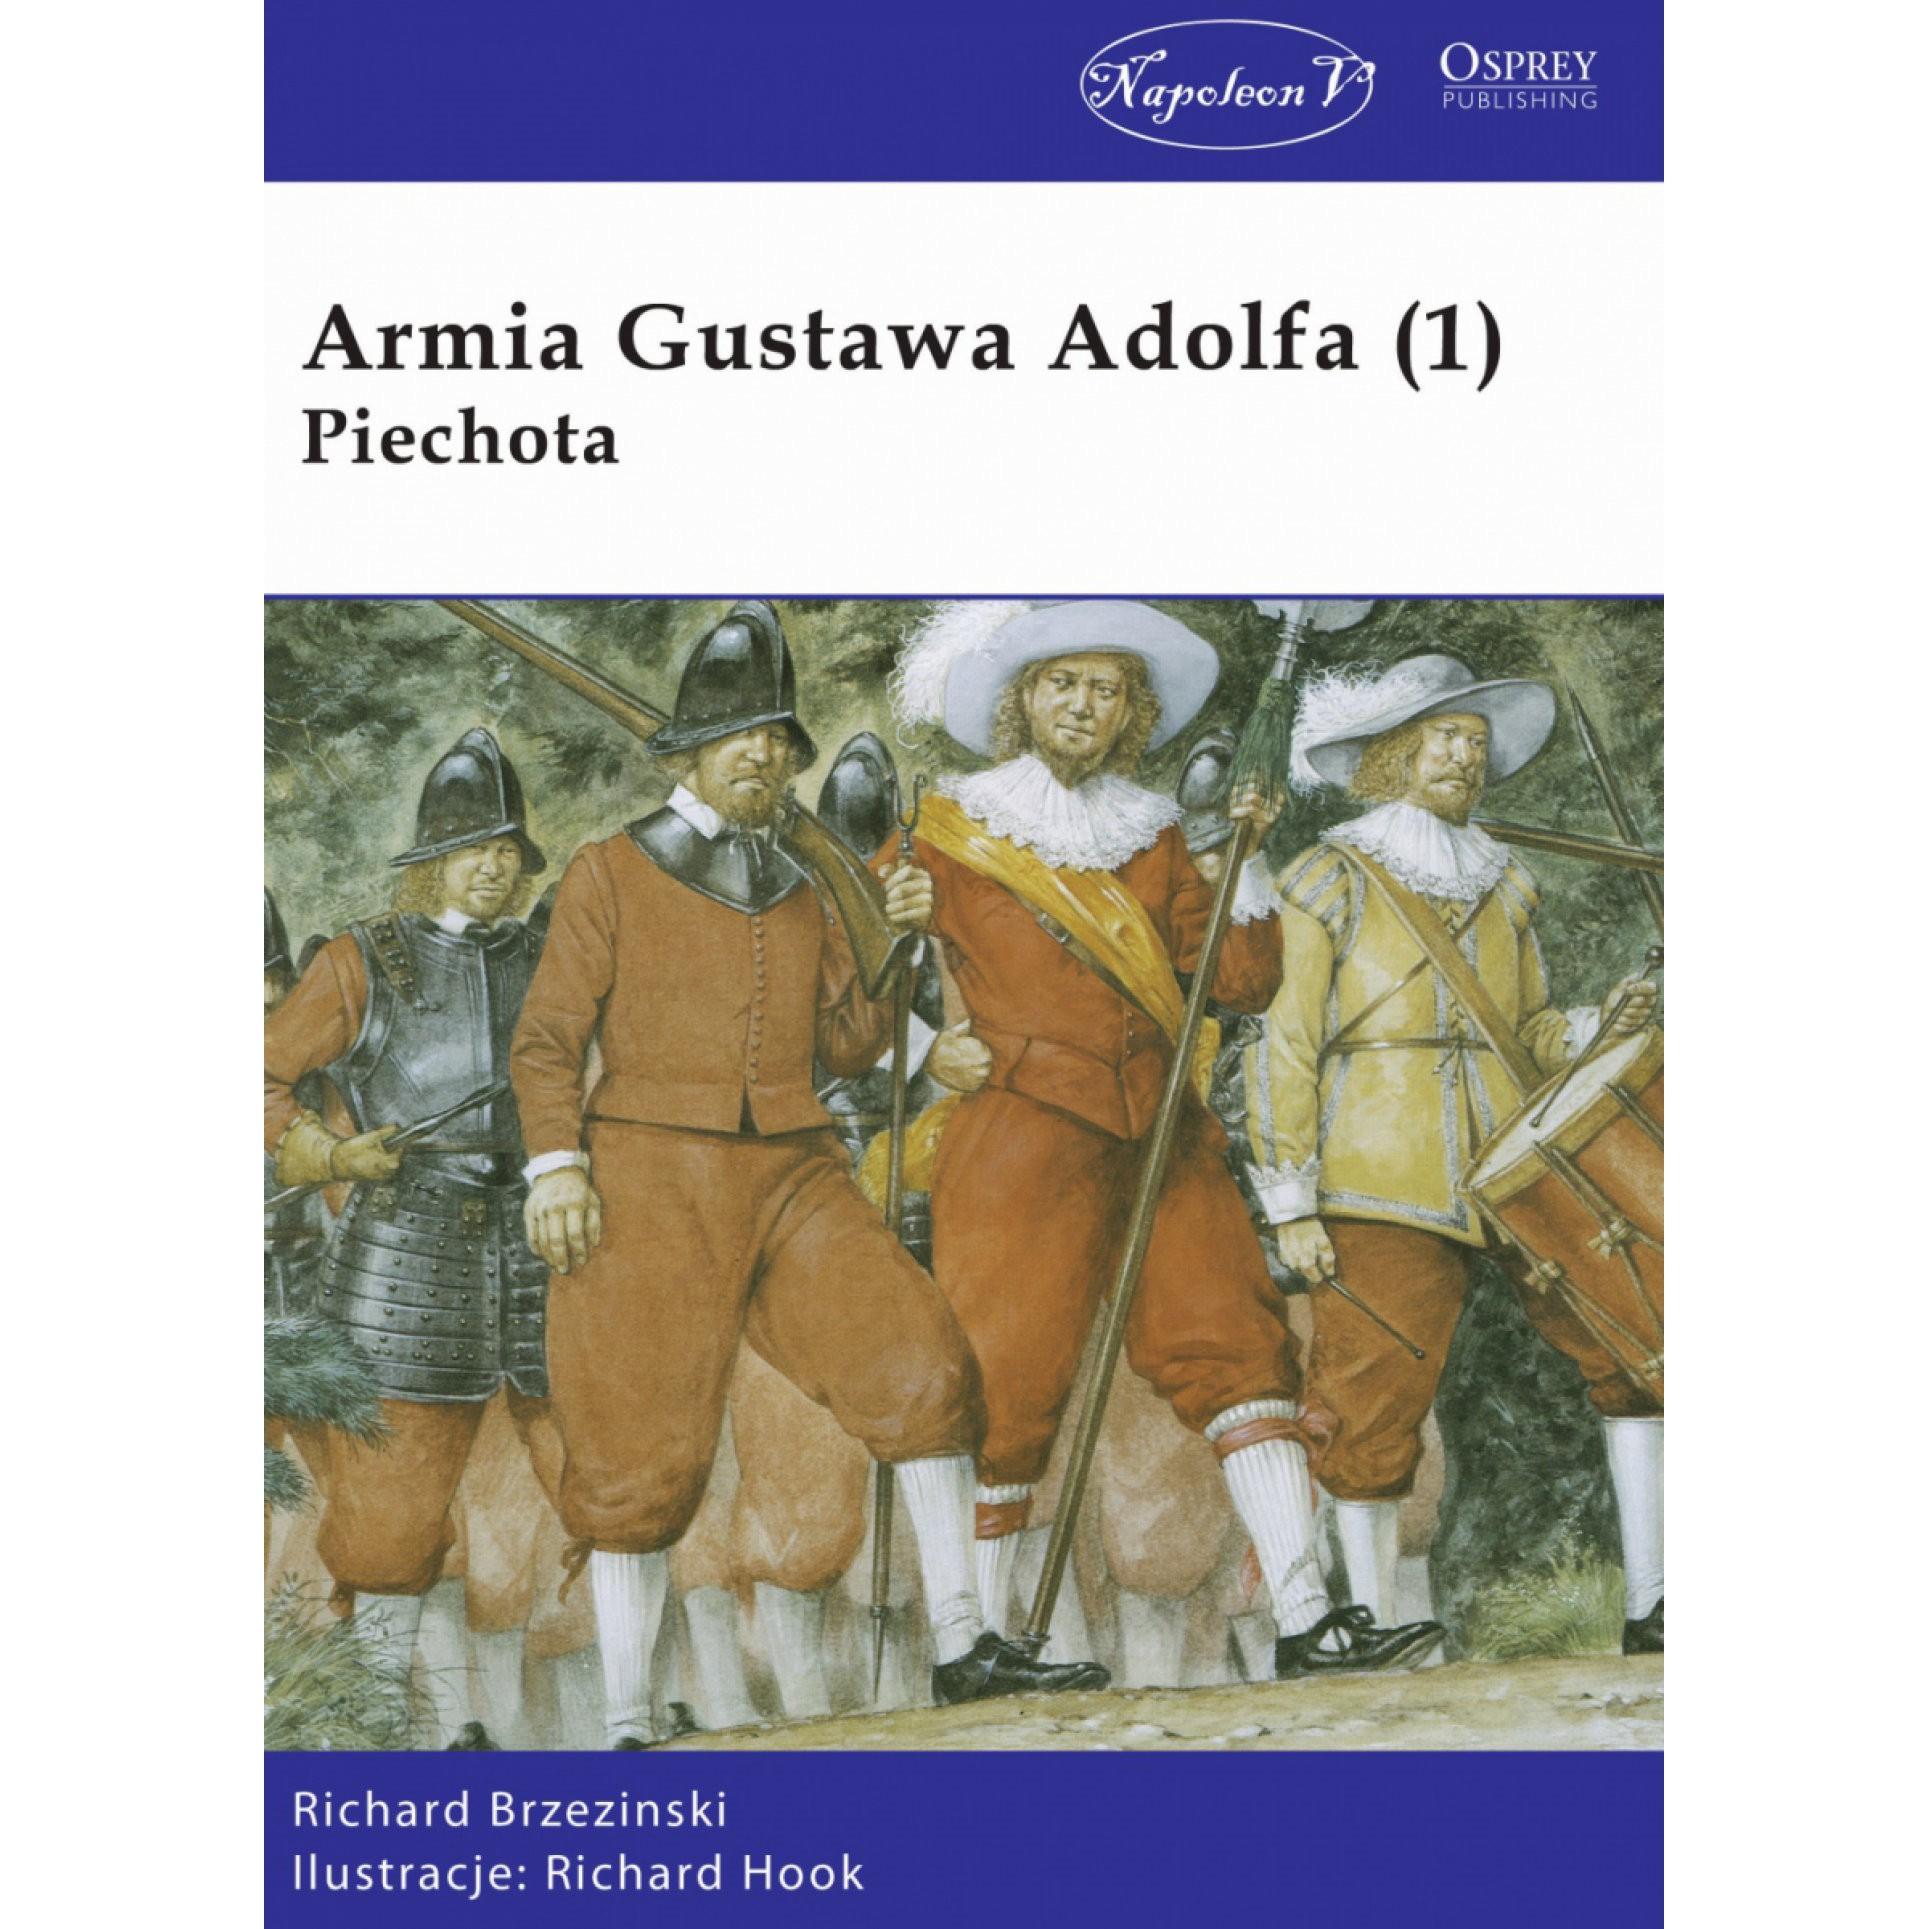 Armia Gustawa Adolfa (1) Piechota